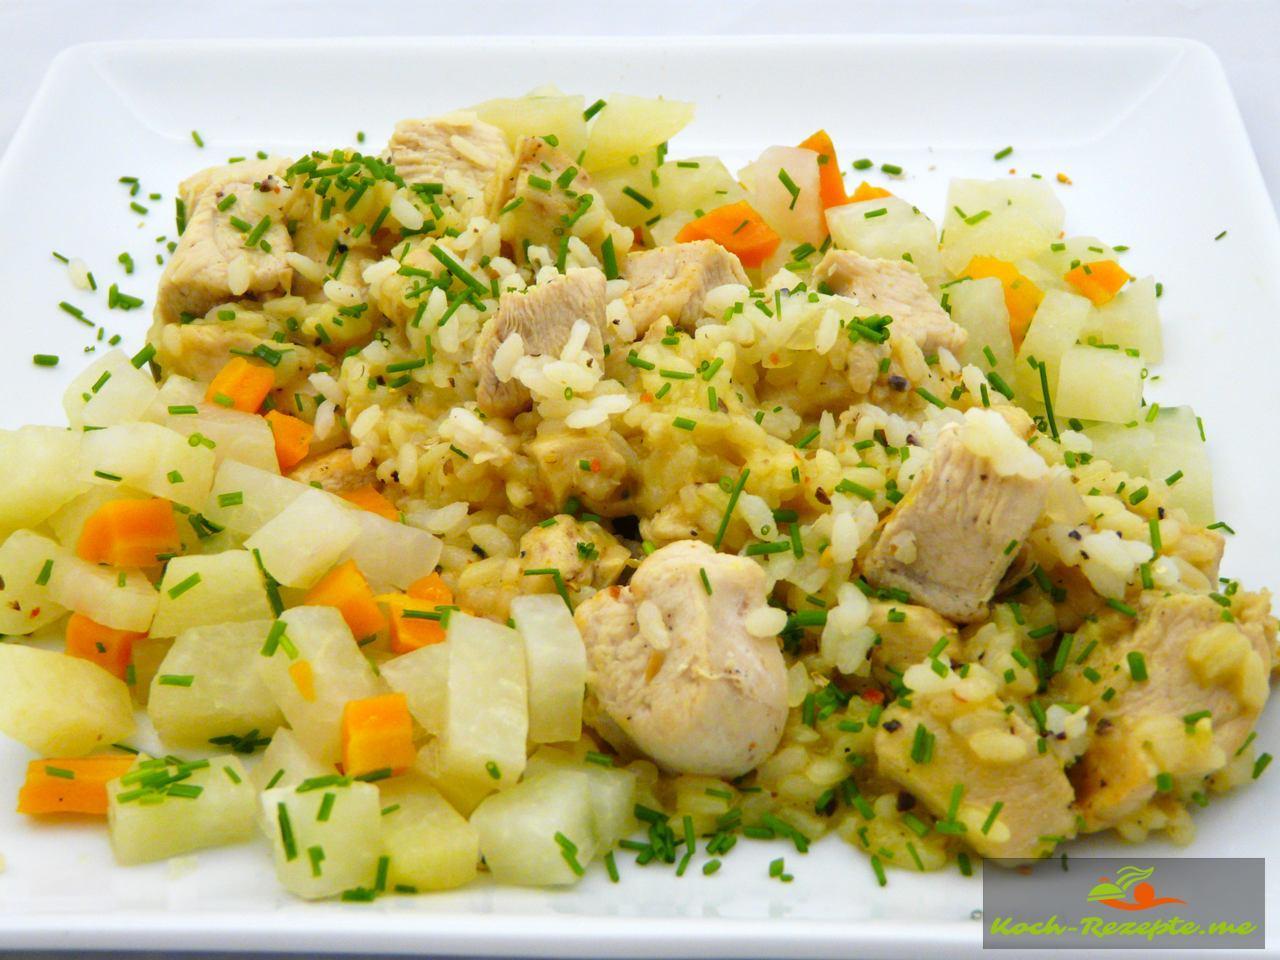 Oriental Hähnchen-Risotto mit Kohlrabi-Möhrengemüse